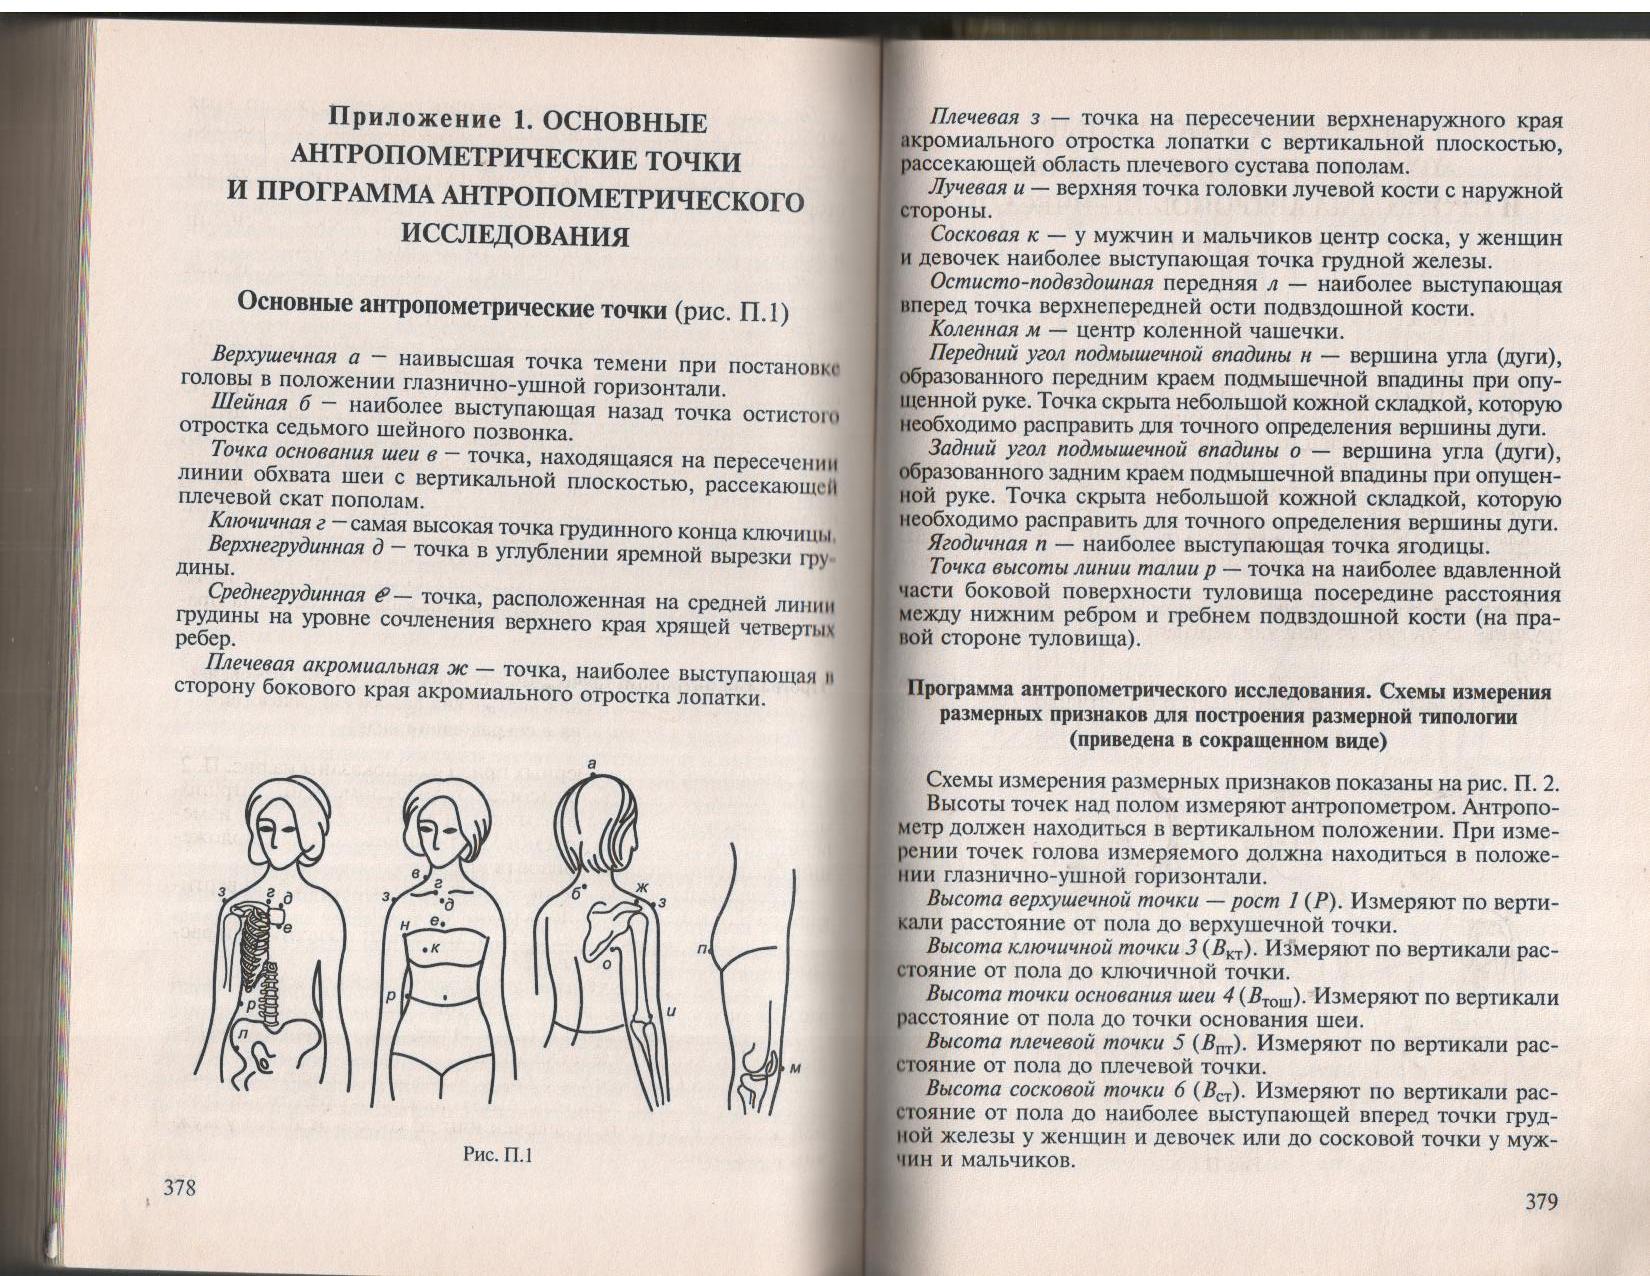 D:\Documents and Settings\Мастер\Мои документы\Мои рисунки\Изображение\Изображение 003.jpg